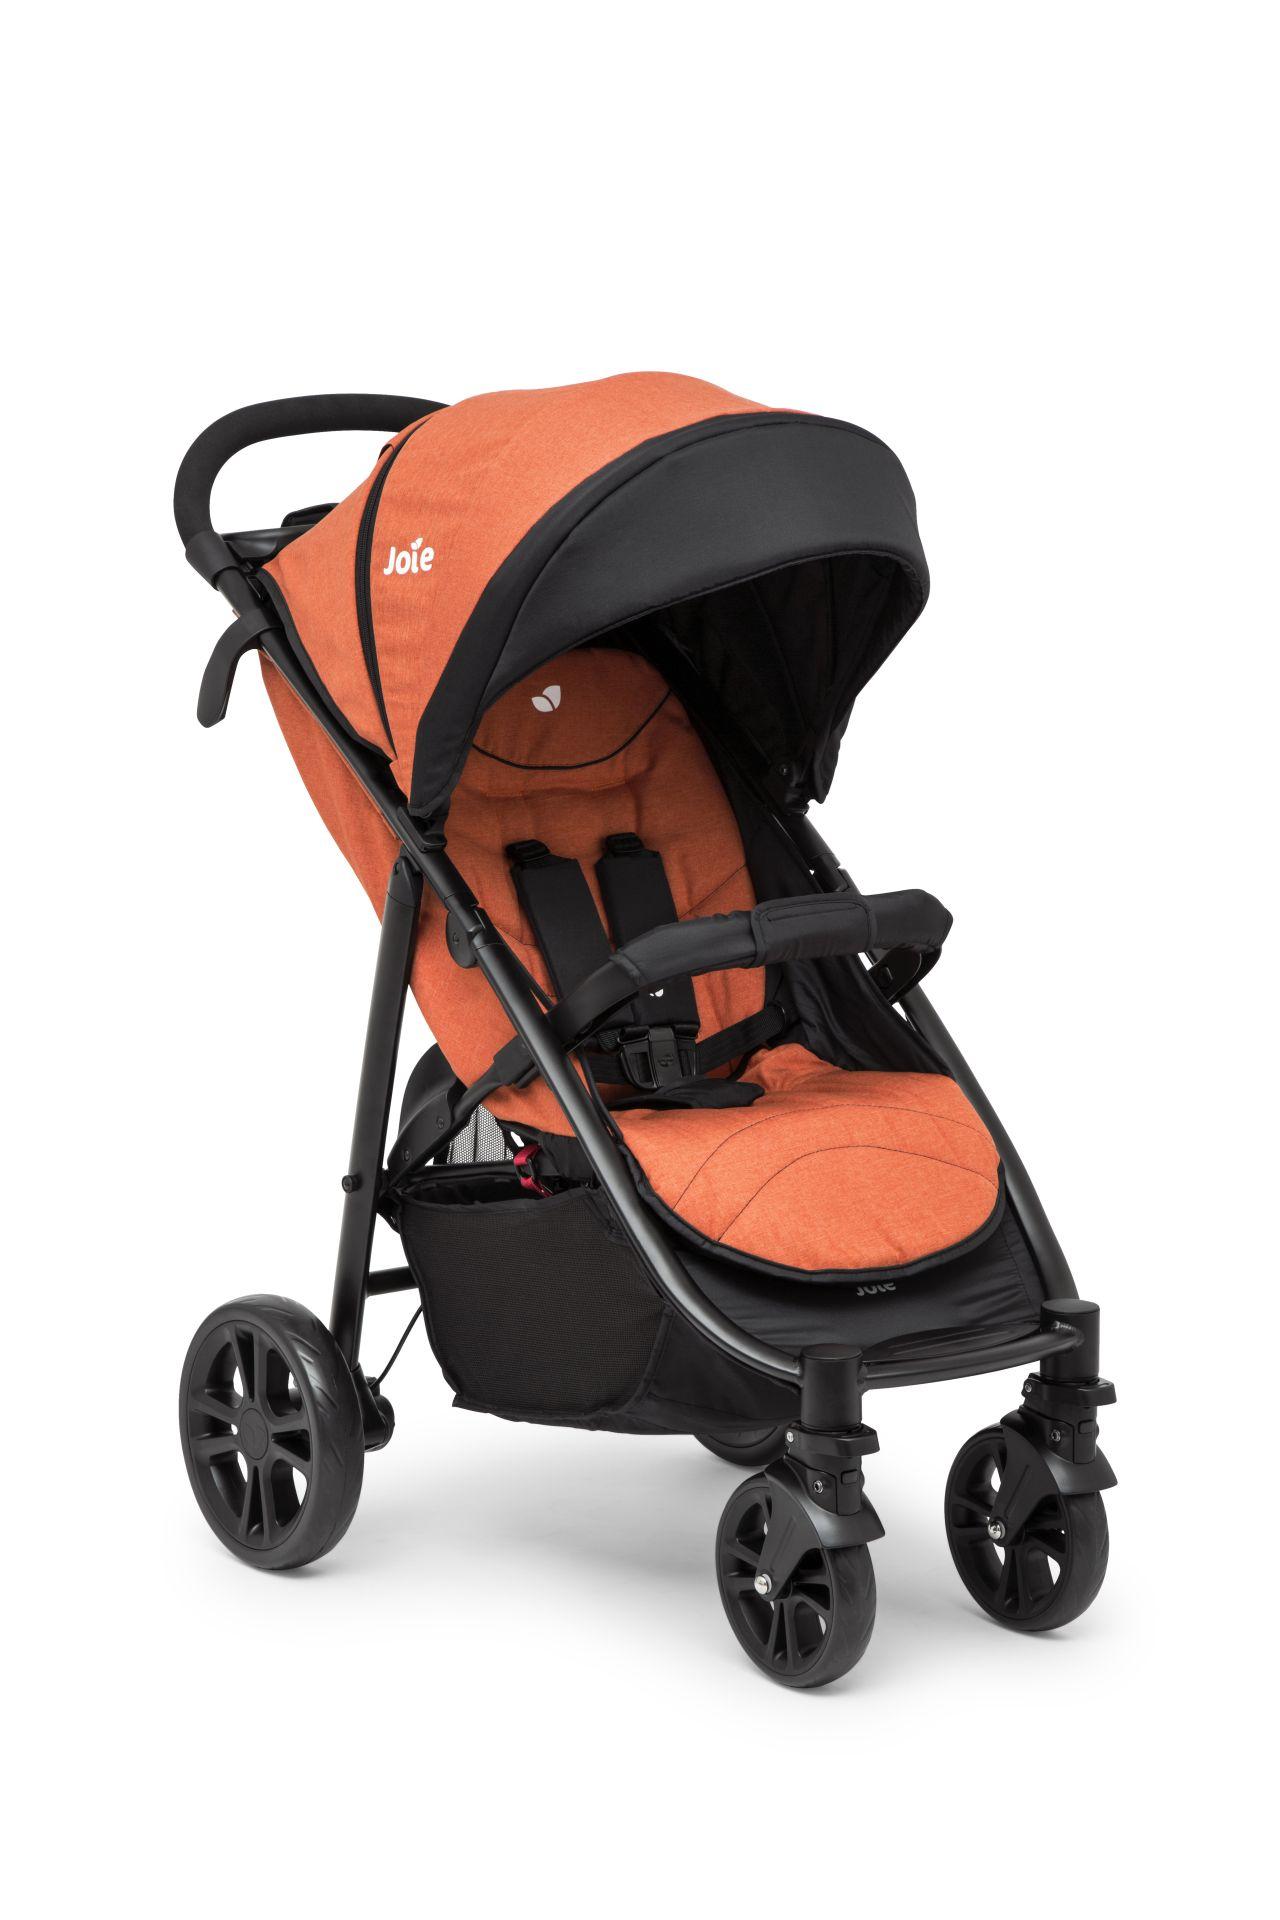 Joie Buggy Litetrax™ 4 2017 Rust - Buy at kidsroom | Strollers